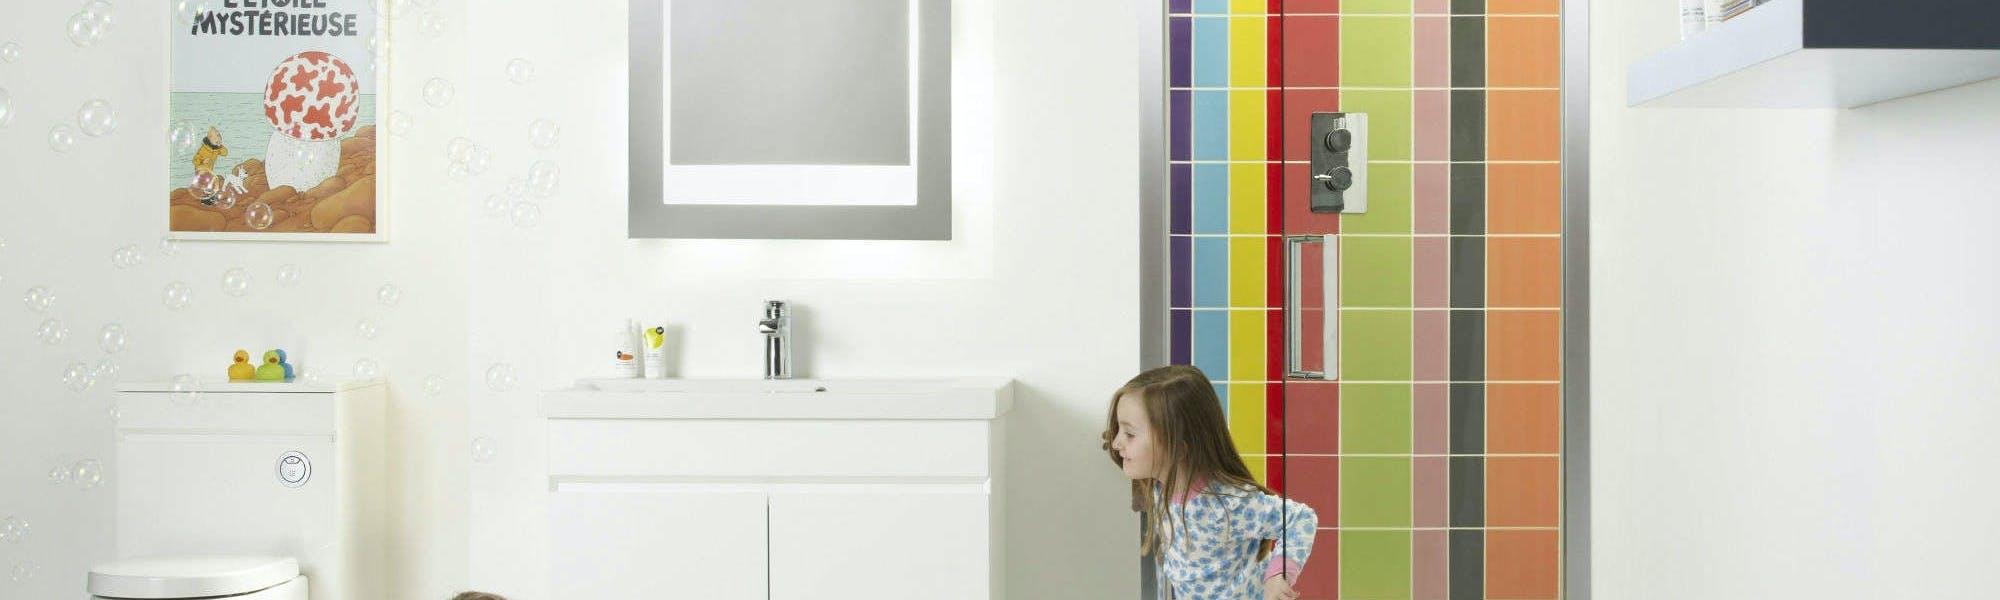 Family Bathroom Suites | Designs & Installation by More Bathrooms